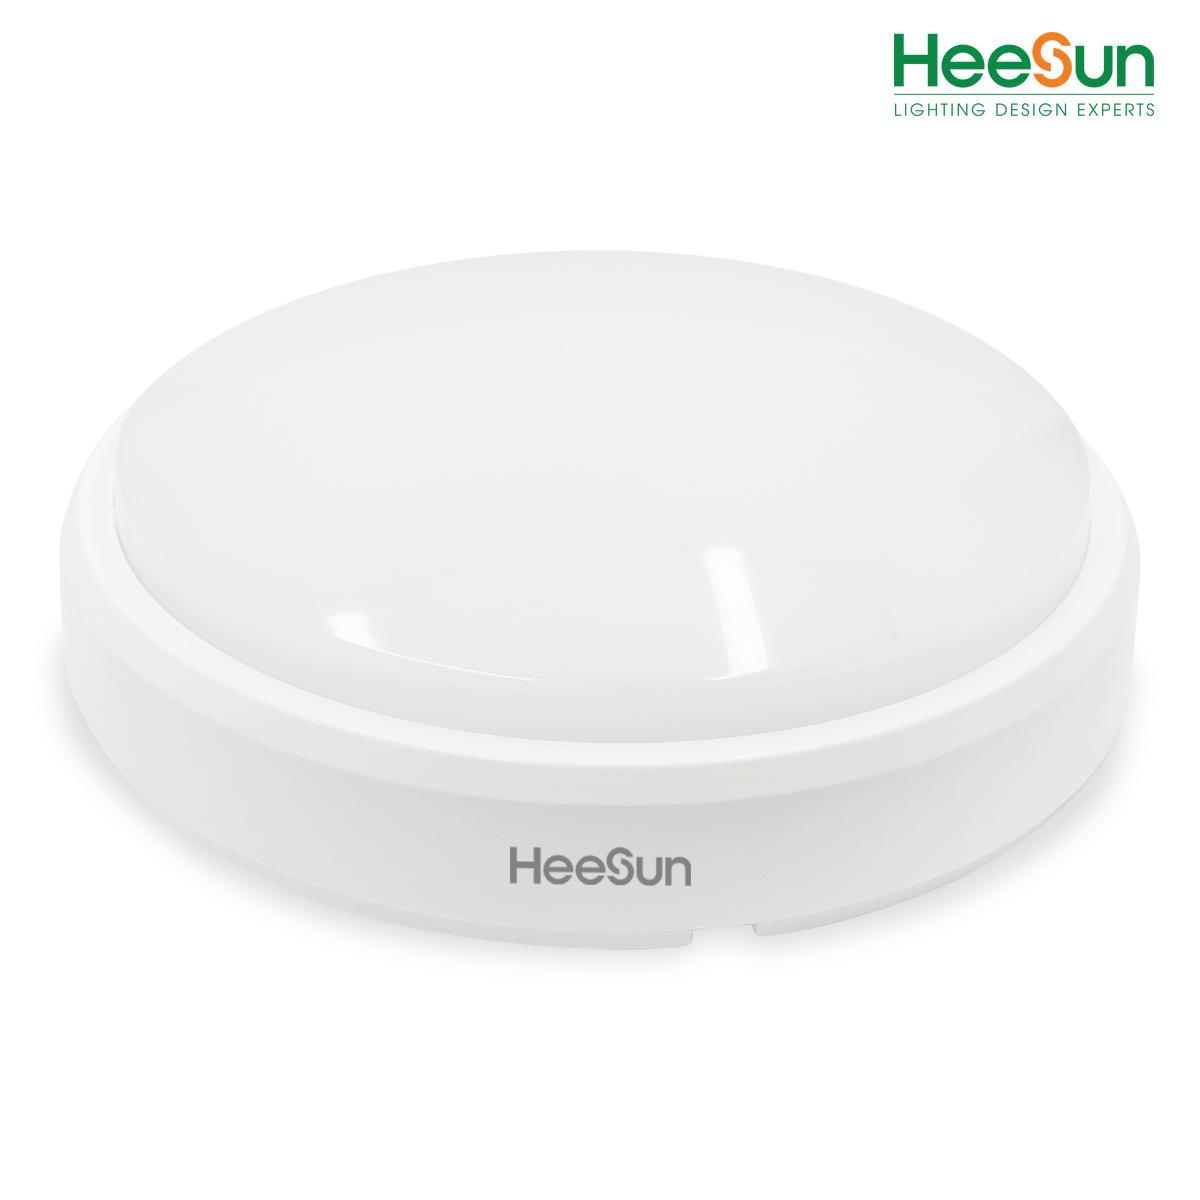 Đèn ốp tròn chống ẩm cảm ứng HS-OCU18-T - HEESUN VIỆT NAM